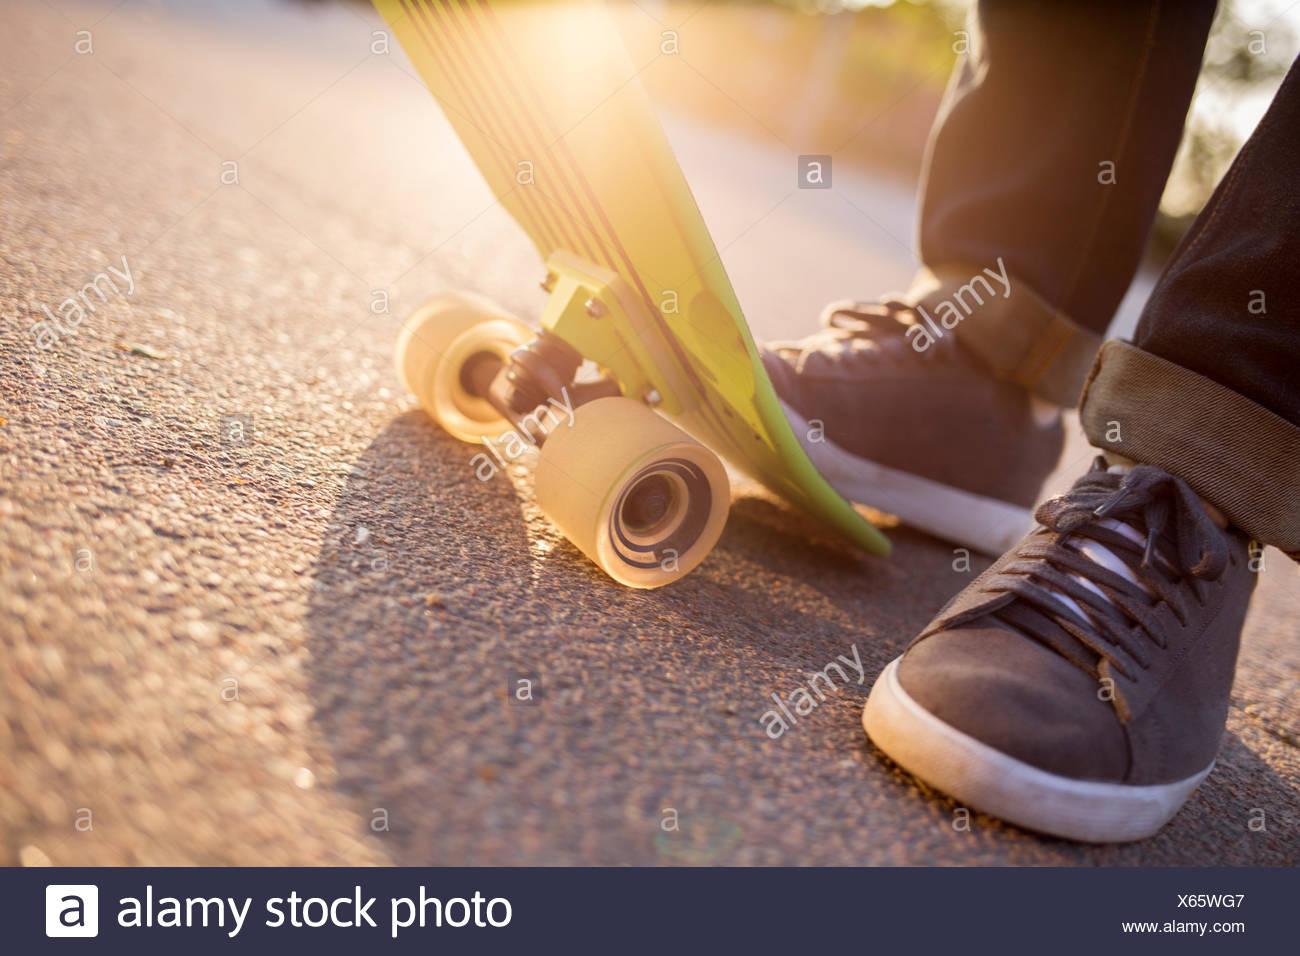 La Suède, les pieds de l'homme avec skateboard Photo Stock